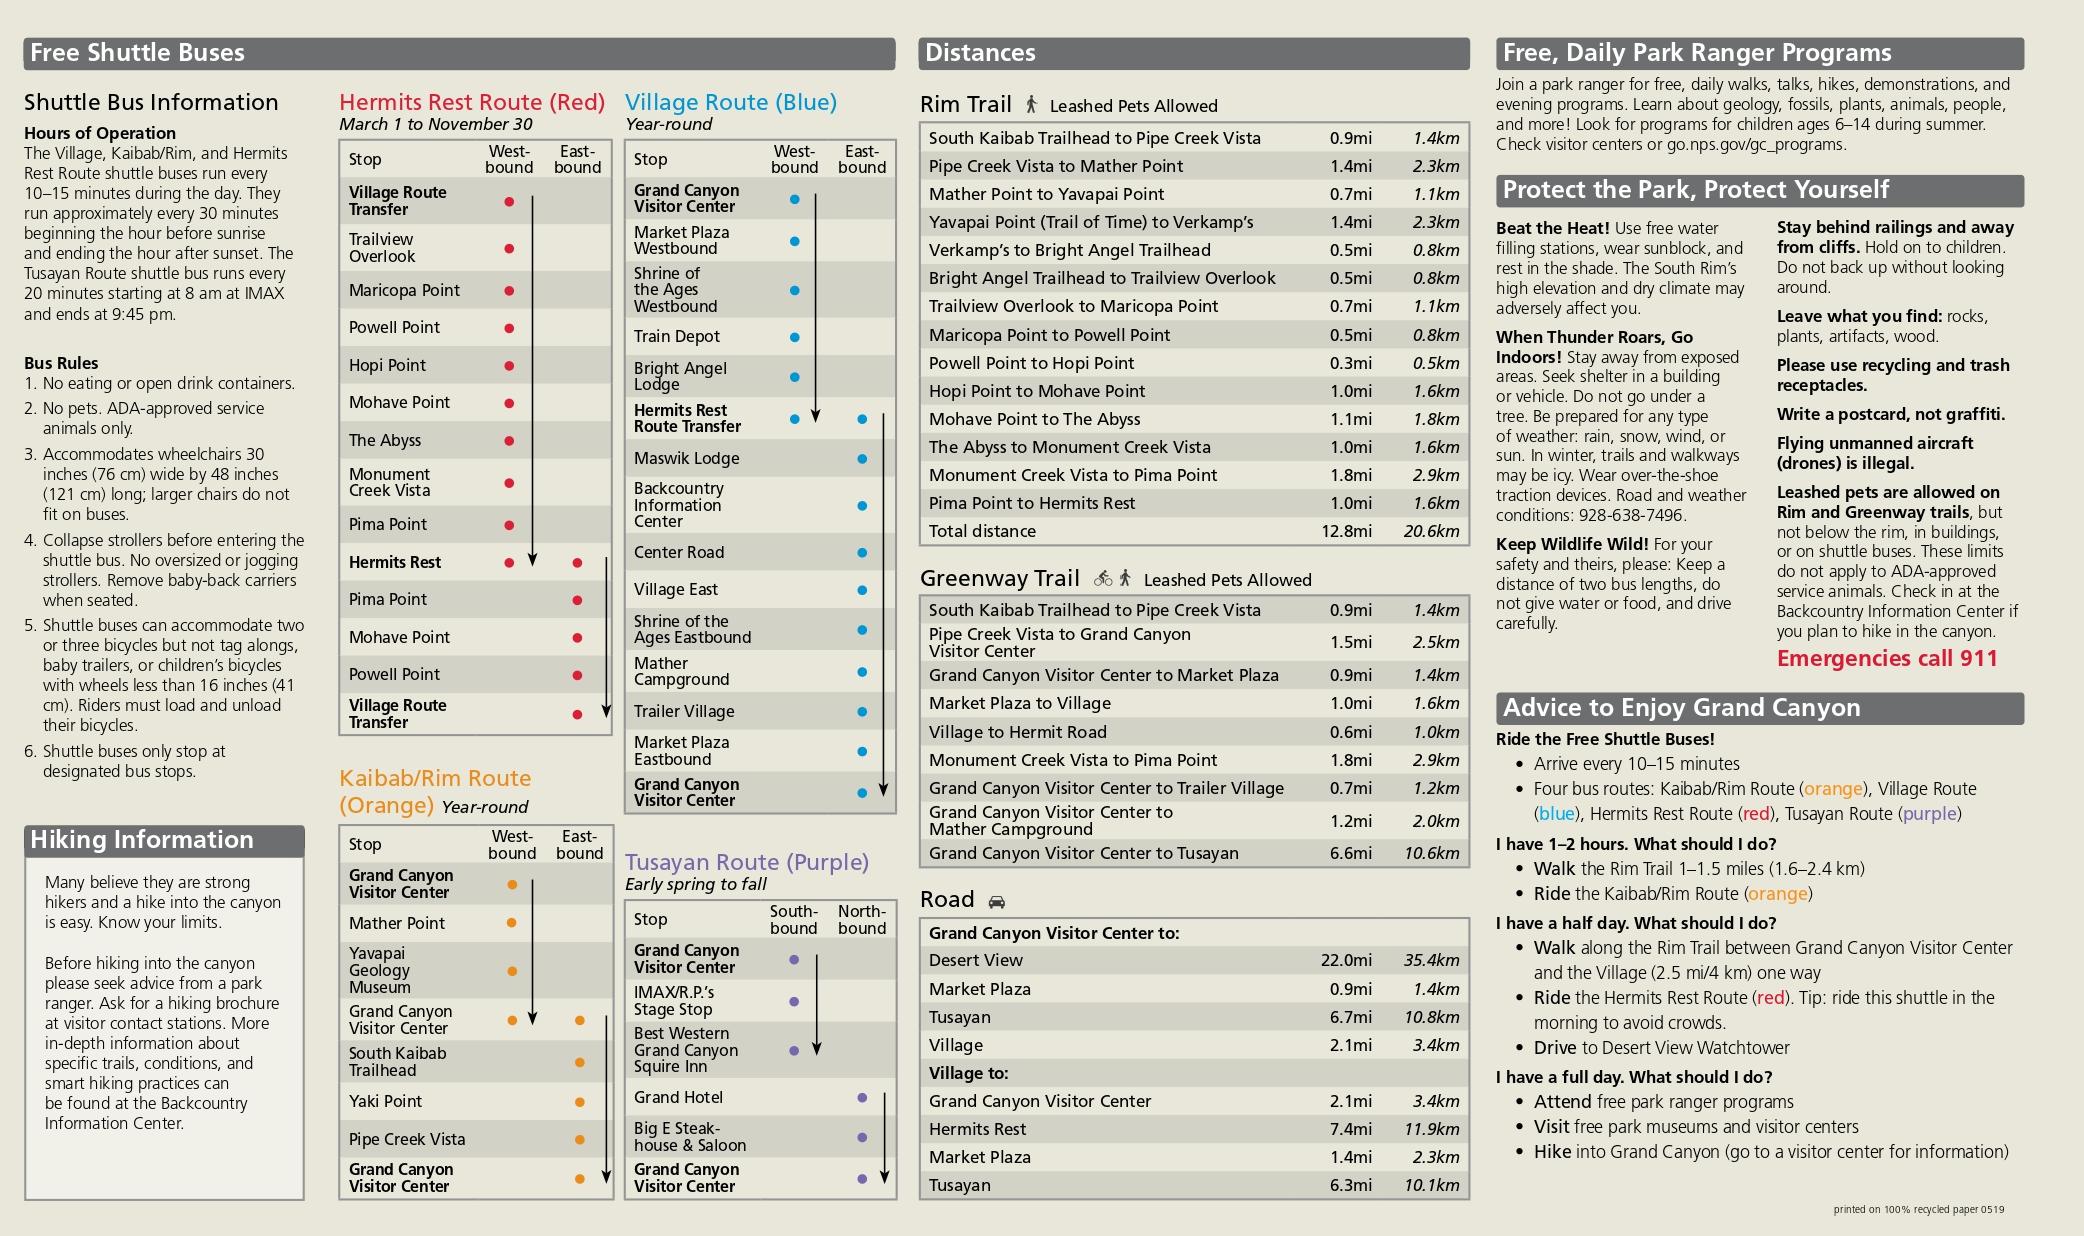 На сайте Гранд-Каньона есть информация обостановках местного автобуса иосновных маршрутах. Аеще внизу справа есть советы отом, какой маршрут выбрать взависимости отколичества свободного времени. Источник: National Park Service